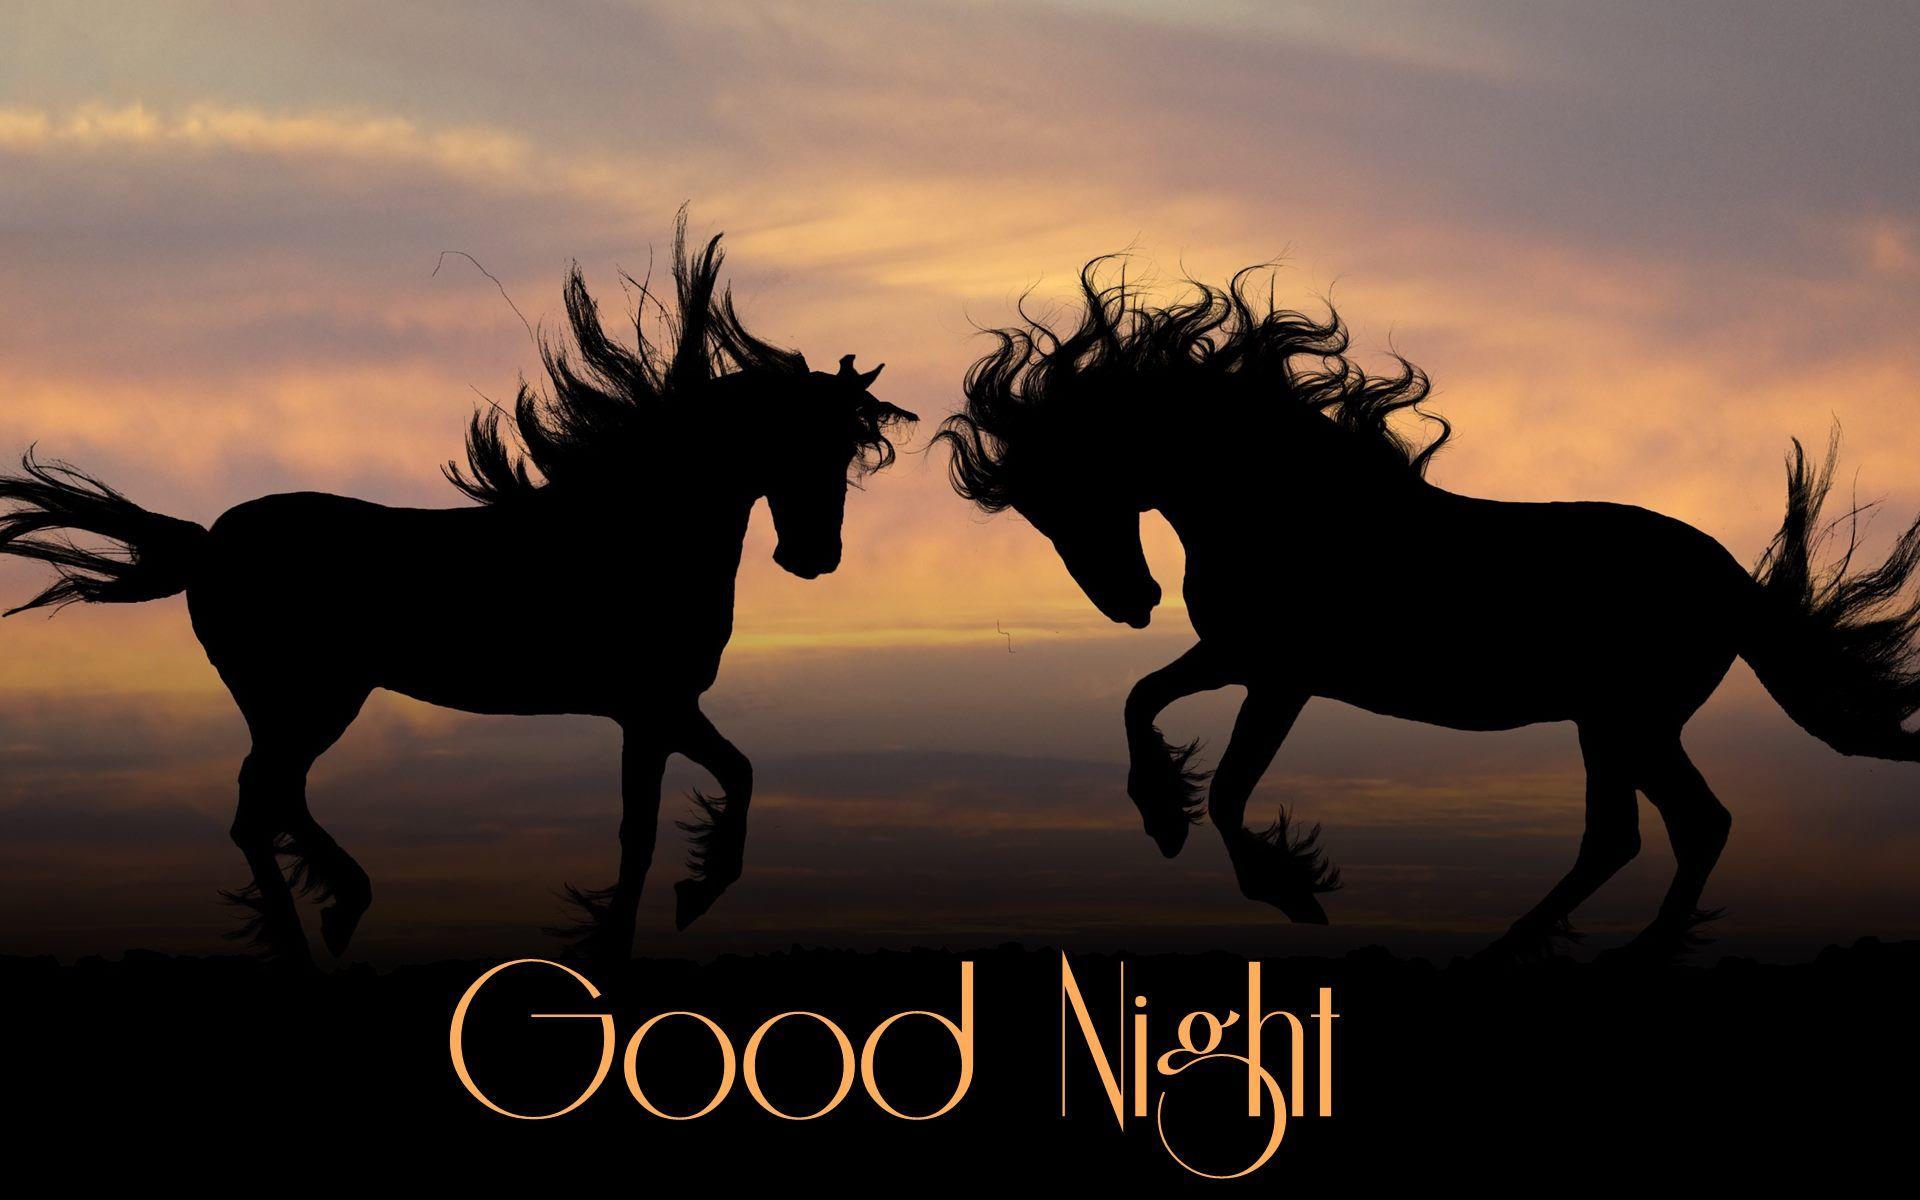 Good Night Beautiful Horses Hd Wallpaper 00225 Wallpaper K Com